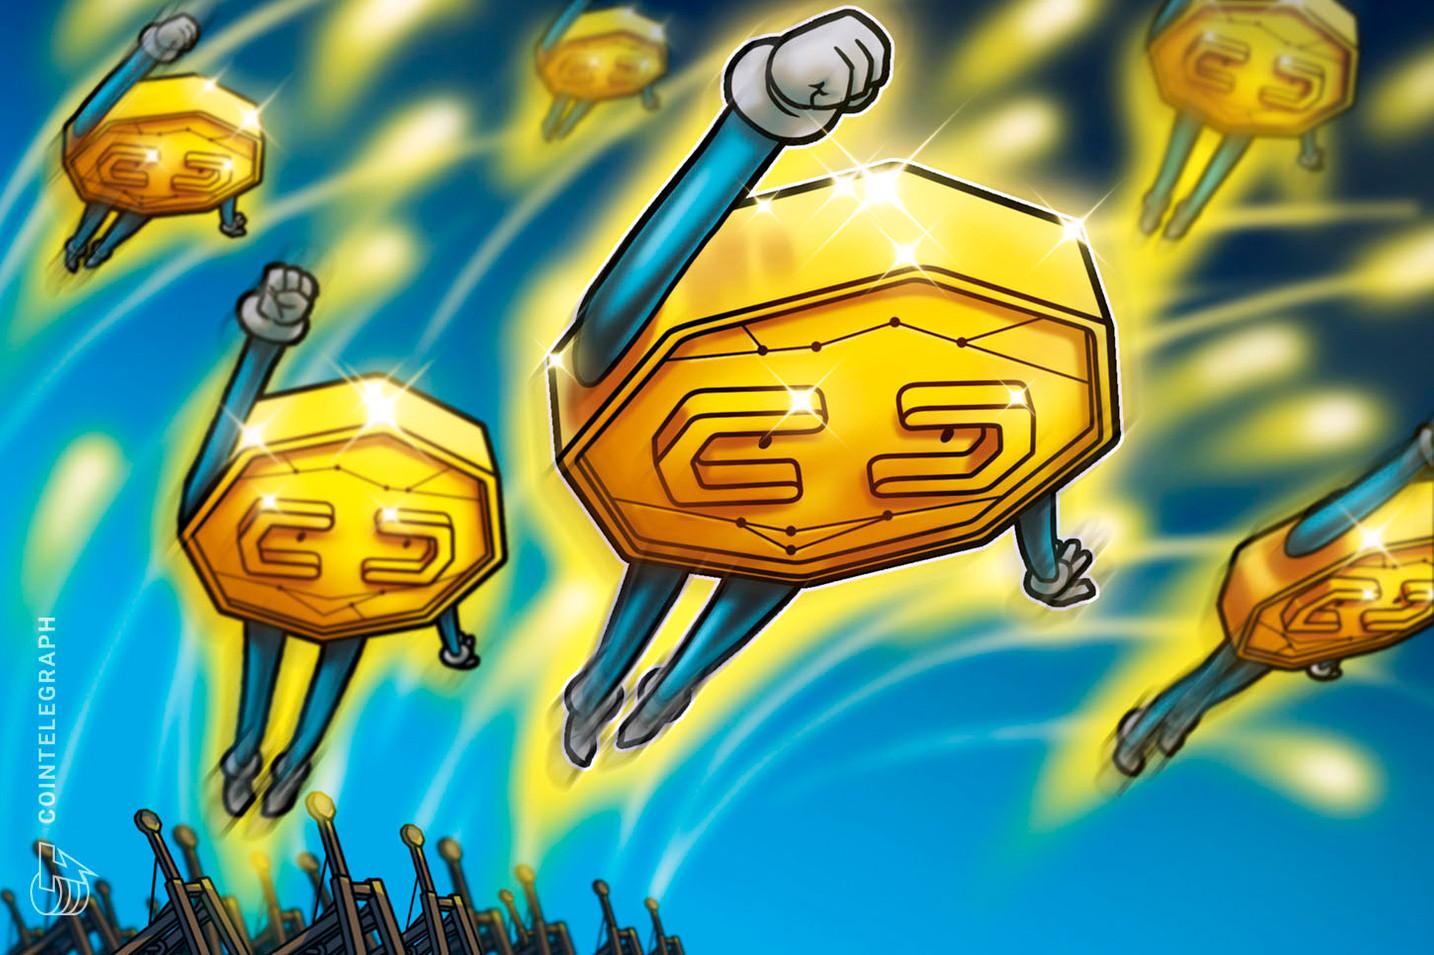 820 Milyon Dolarlık Bitcoin 4,5 Dolara Transfer Edildi